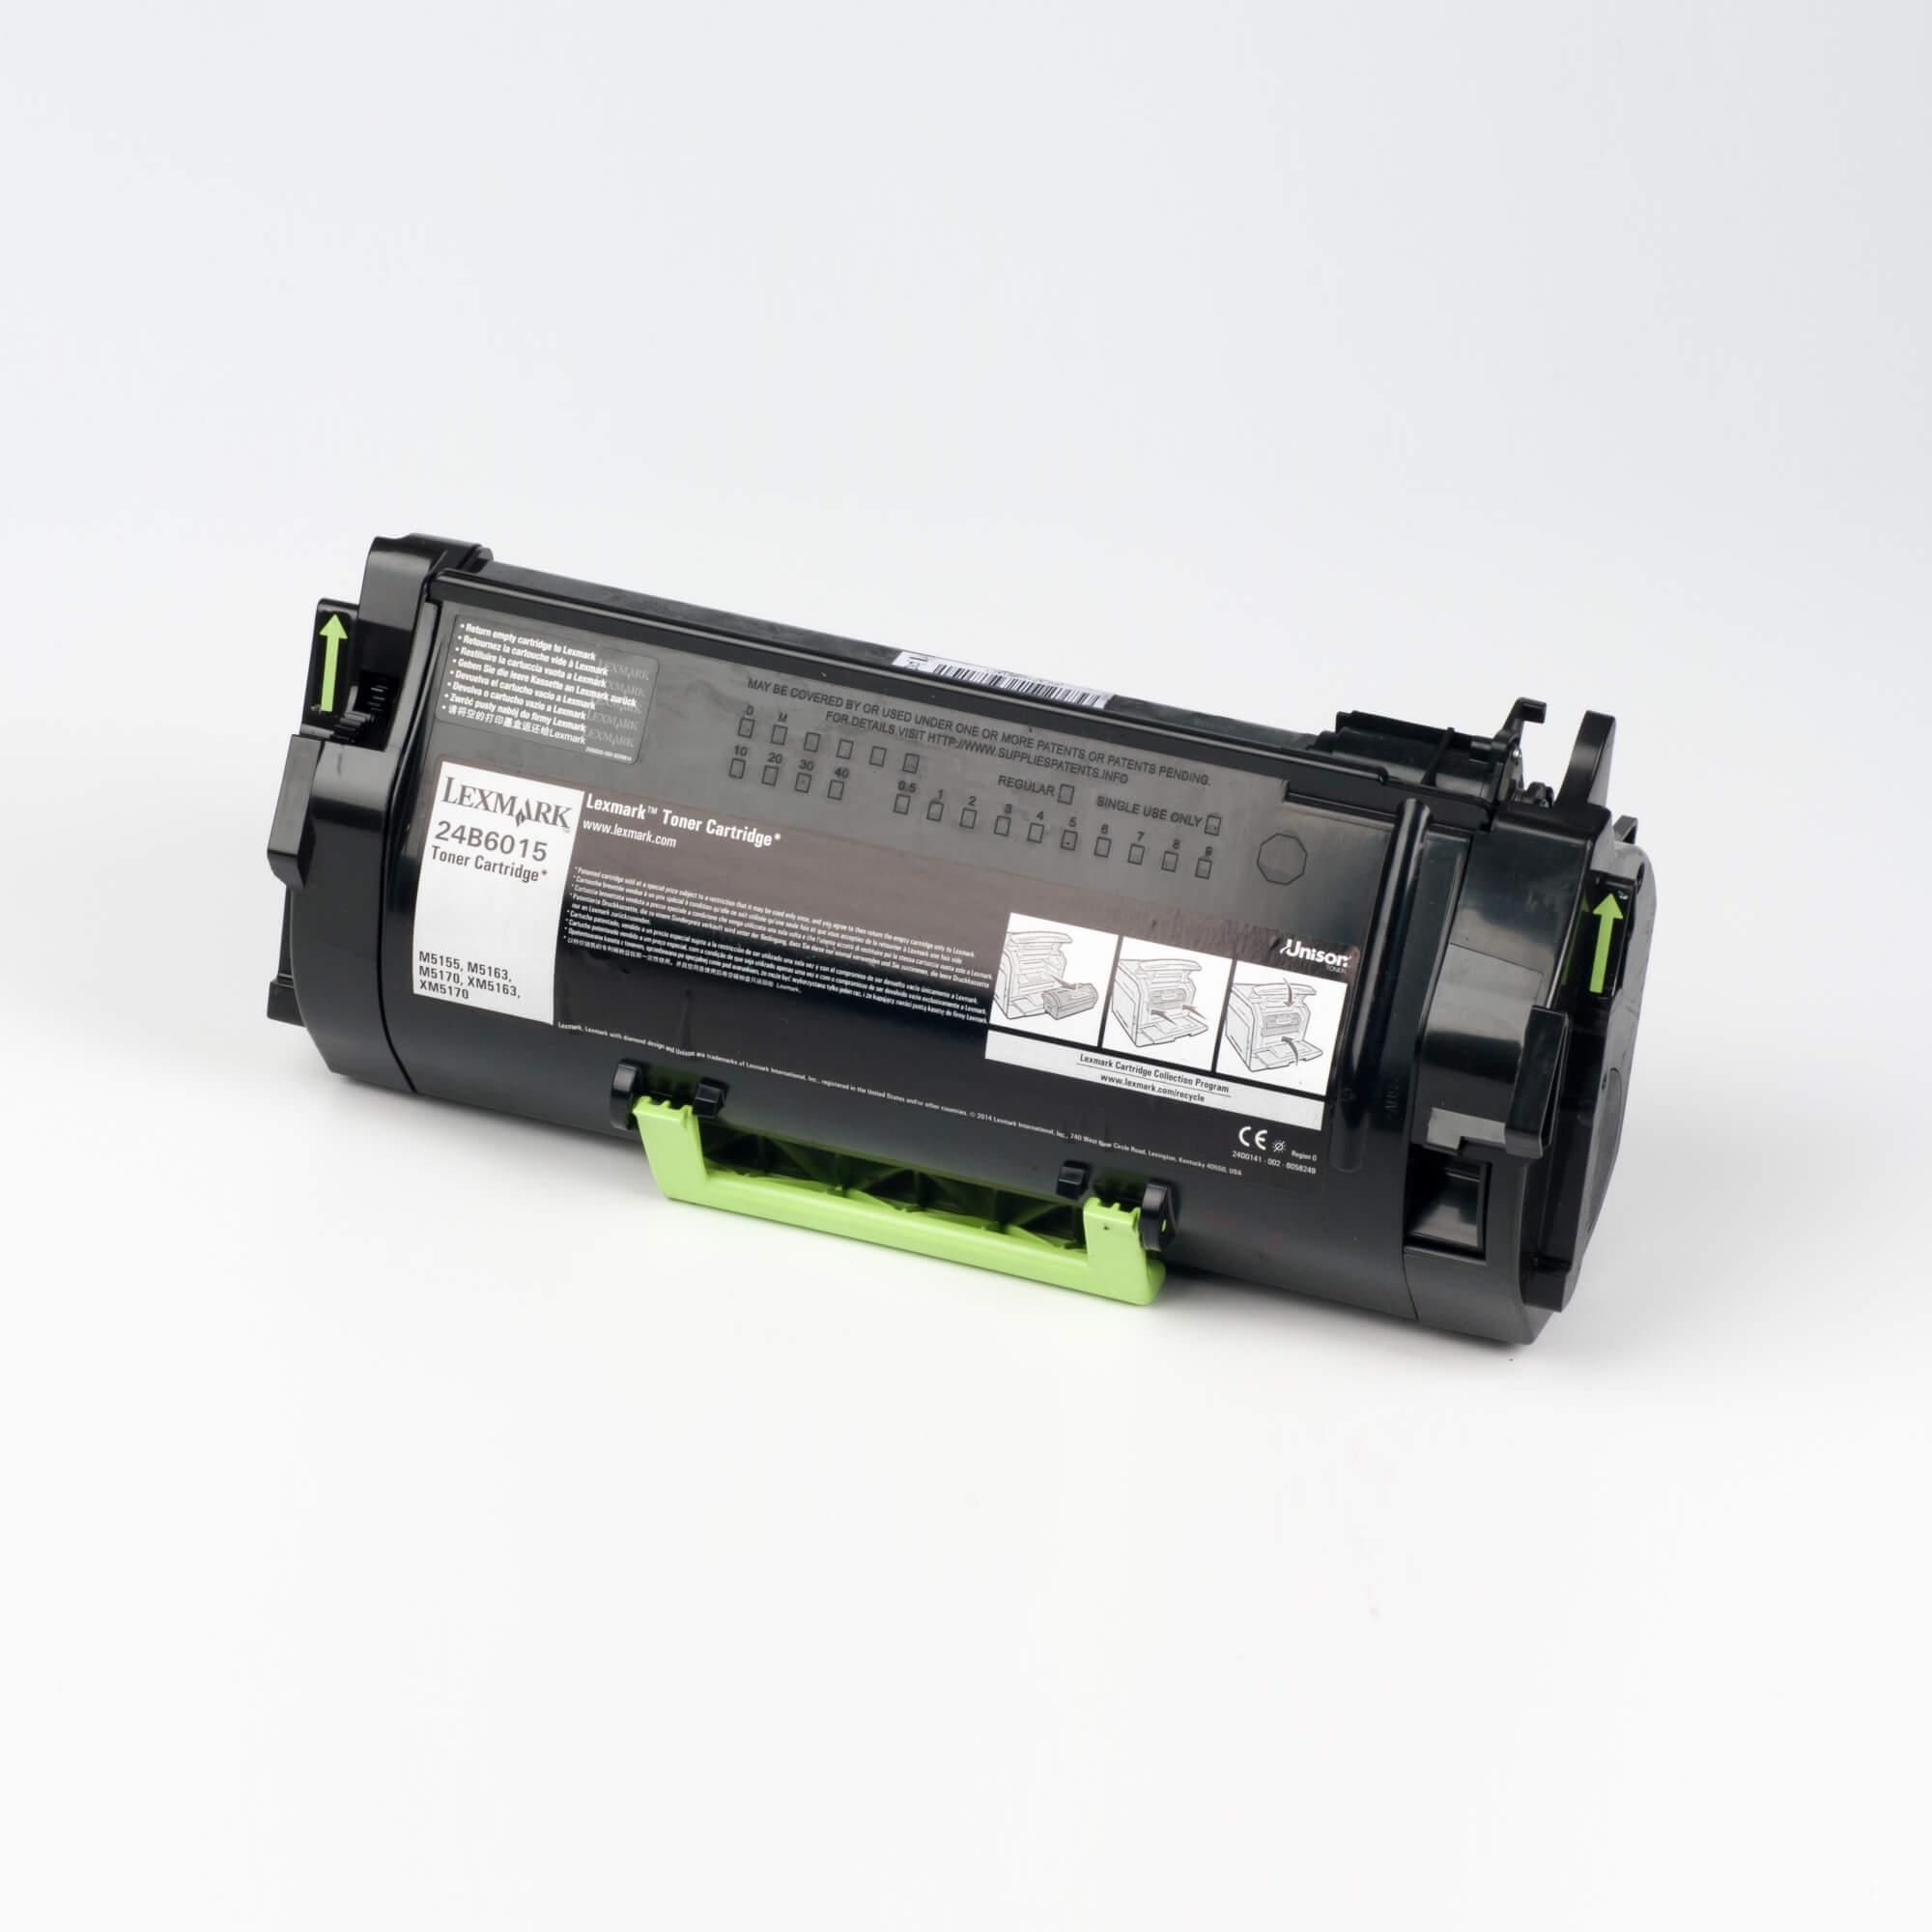 Auf dem Bild sehen Sie eine Lexmark 24B6015 Original Tonerkartusche schwarz